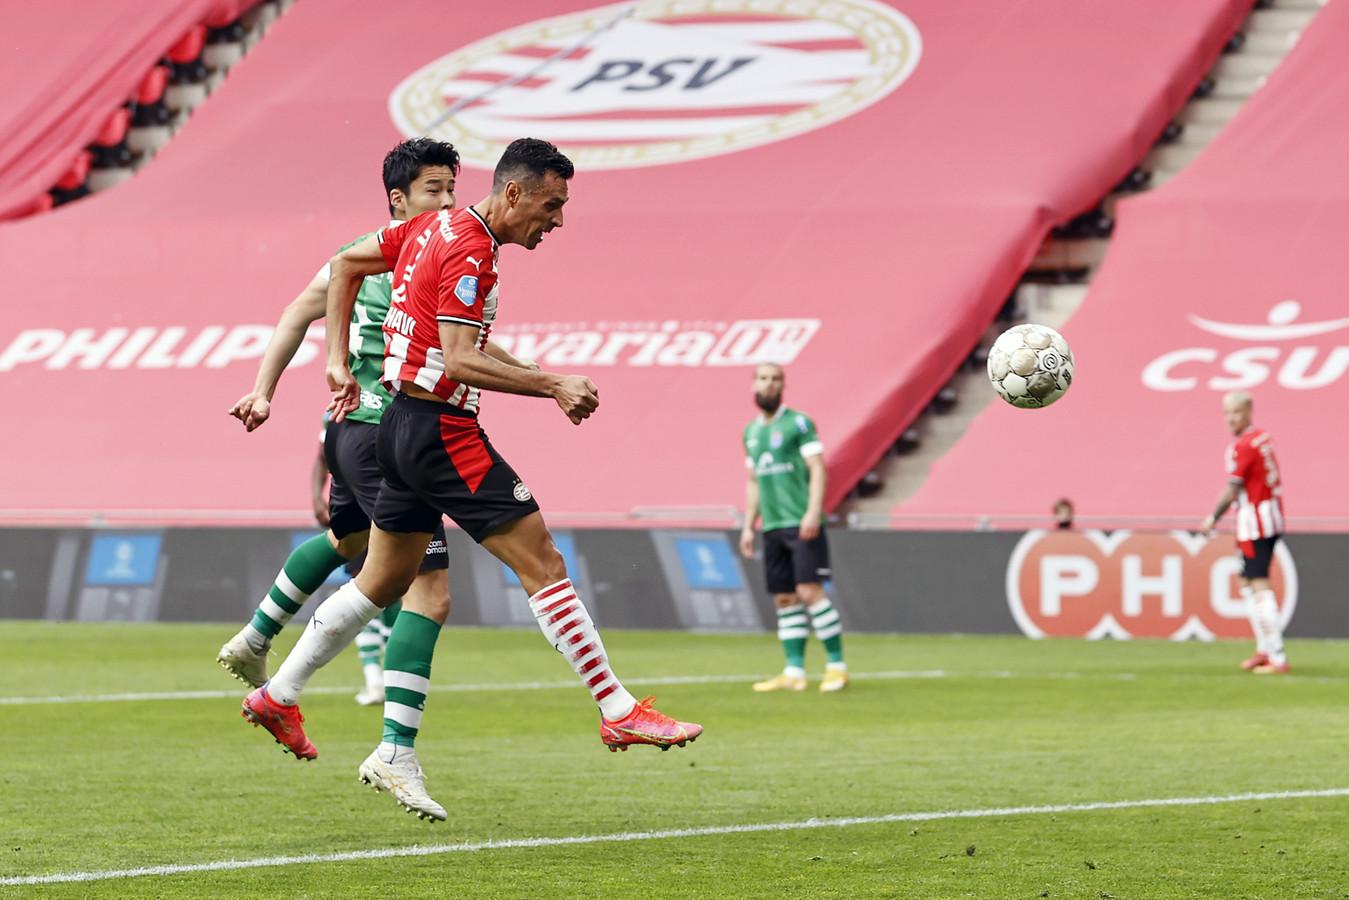 Eran Zahavi kopt op aangeven van Donyell Malen fraai de 4-0 binnen namens PSV tegen PEC Zwolle, dat nog terug zou komen tot 4-2.